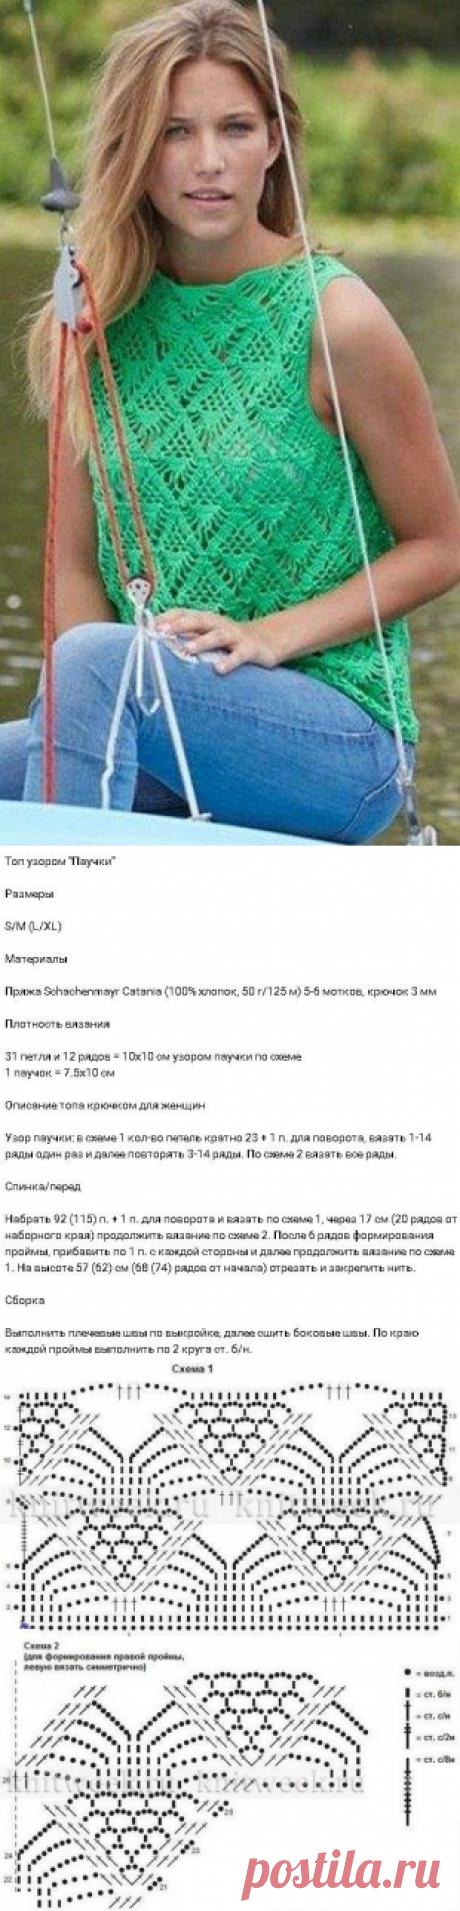 Обновка для летнего гардероба